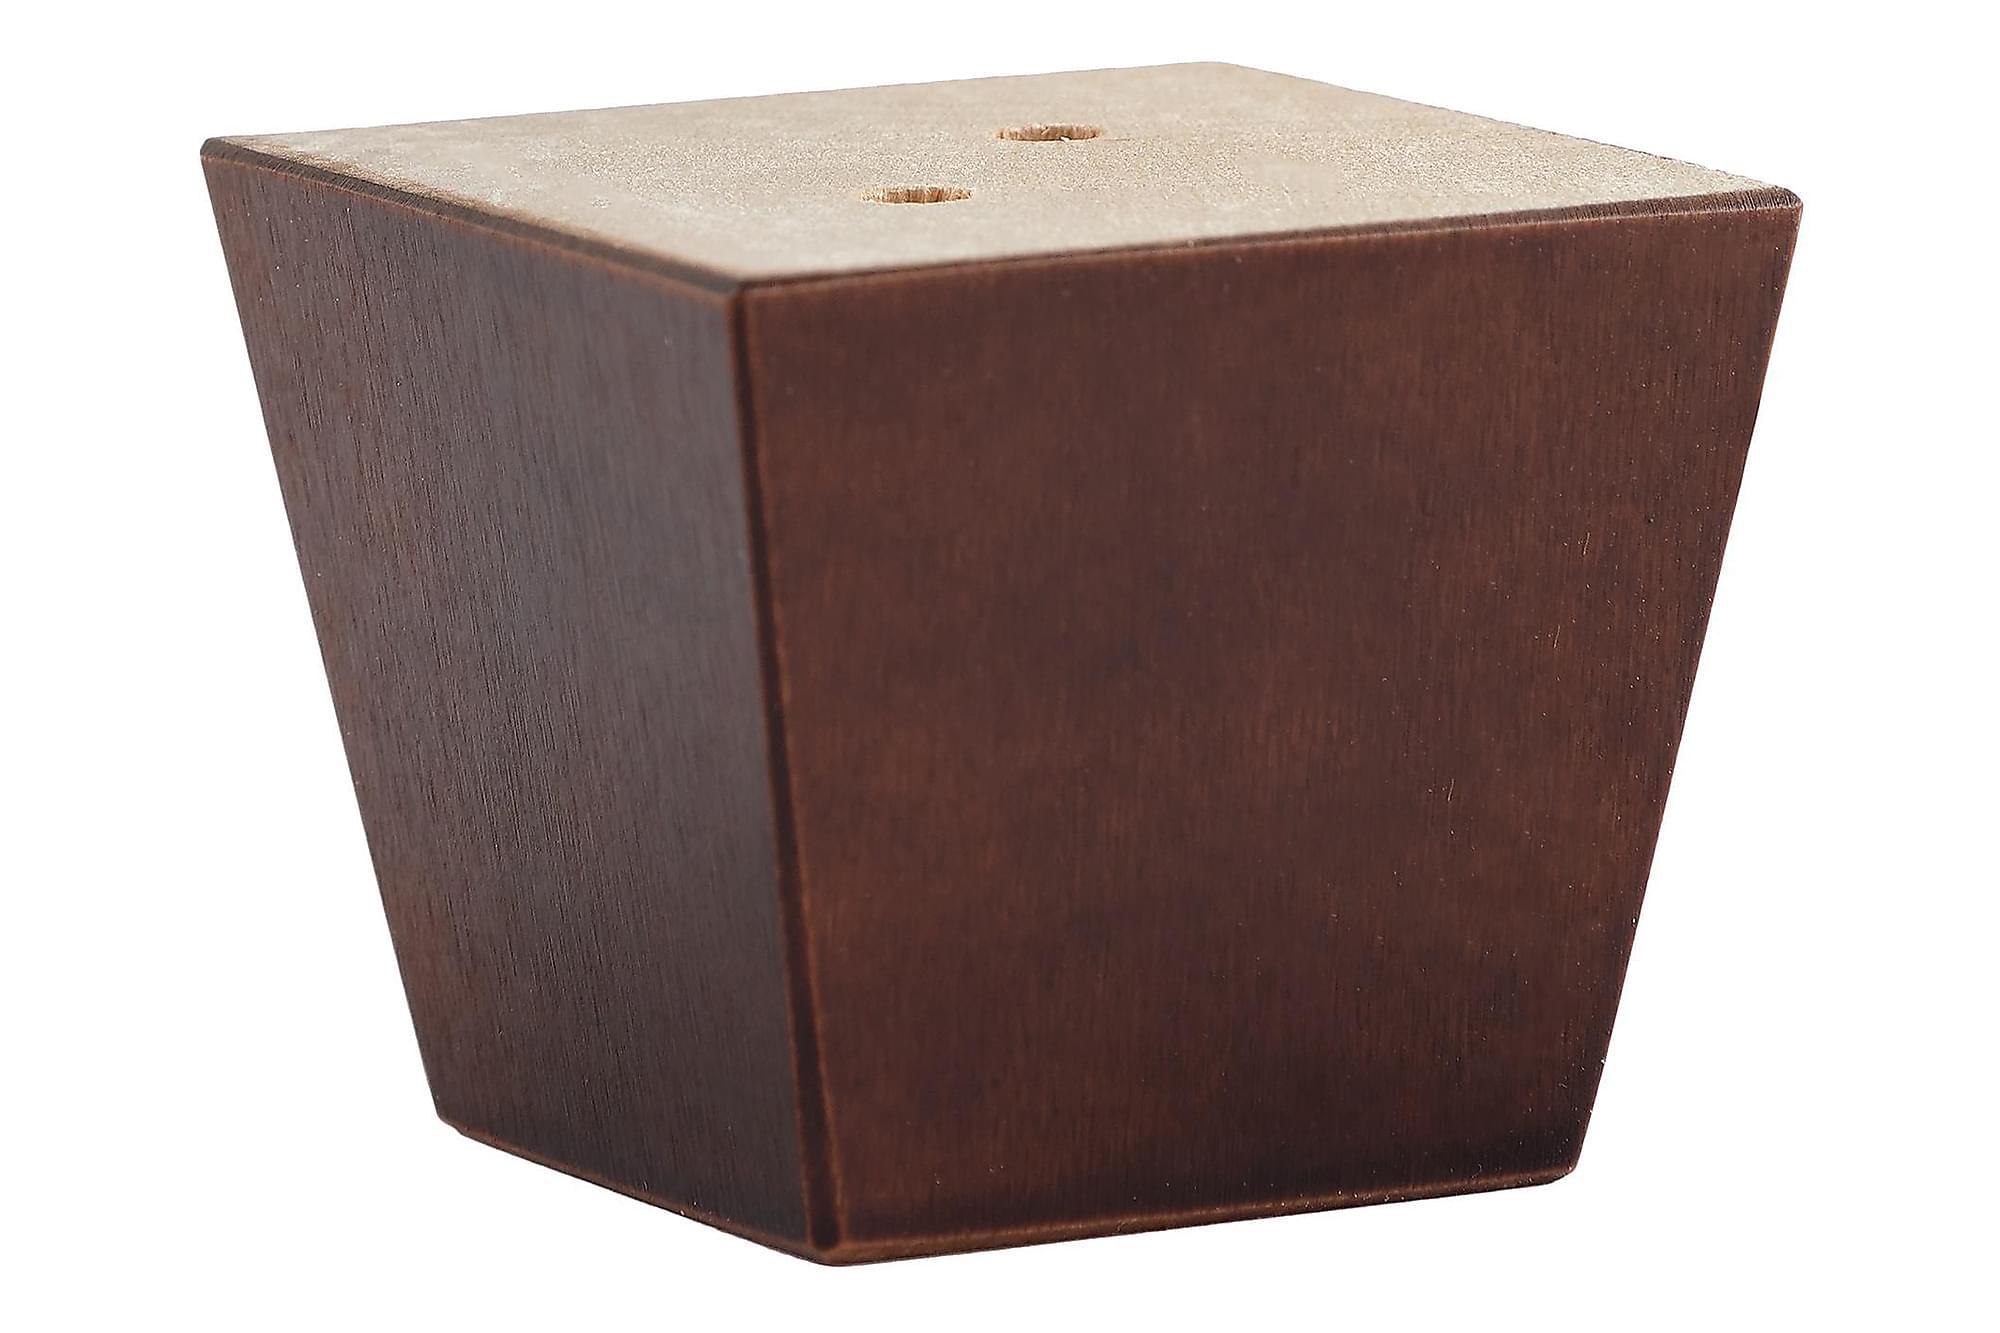 SOFFBEN Modell K 5 cm 10-Pack Brun